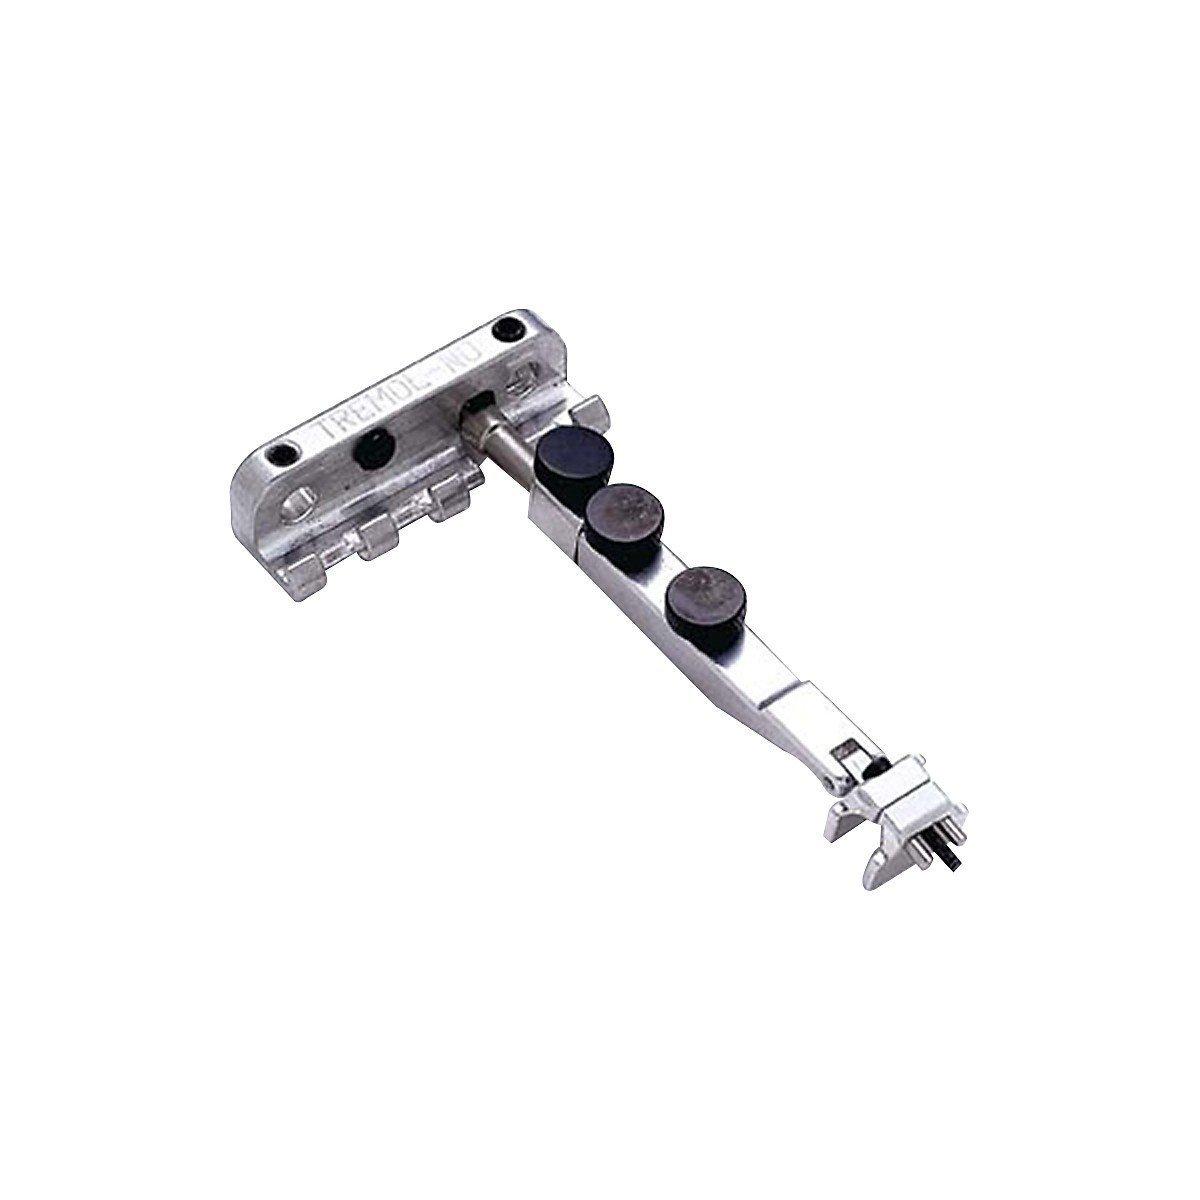 Allparts Tremol-No Tremolo Locking Device - Small Clamp